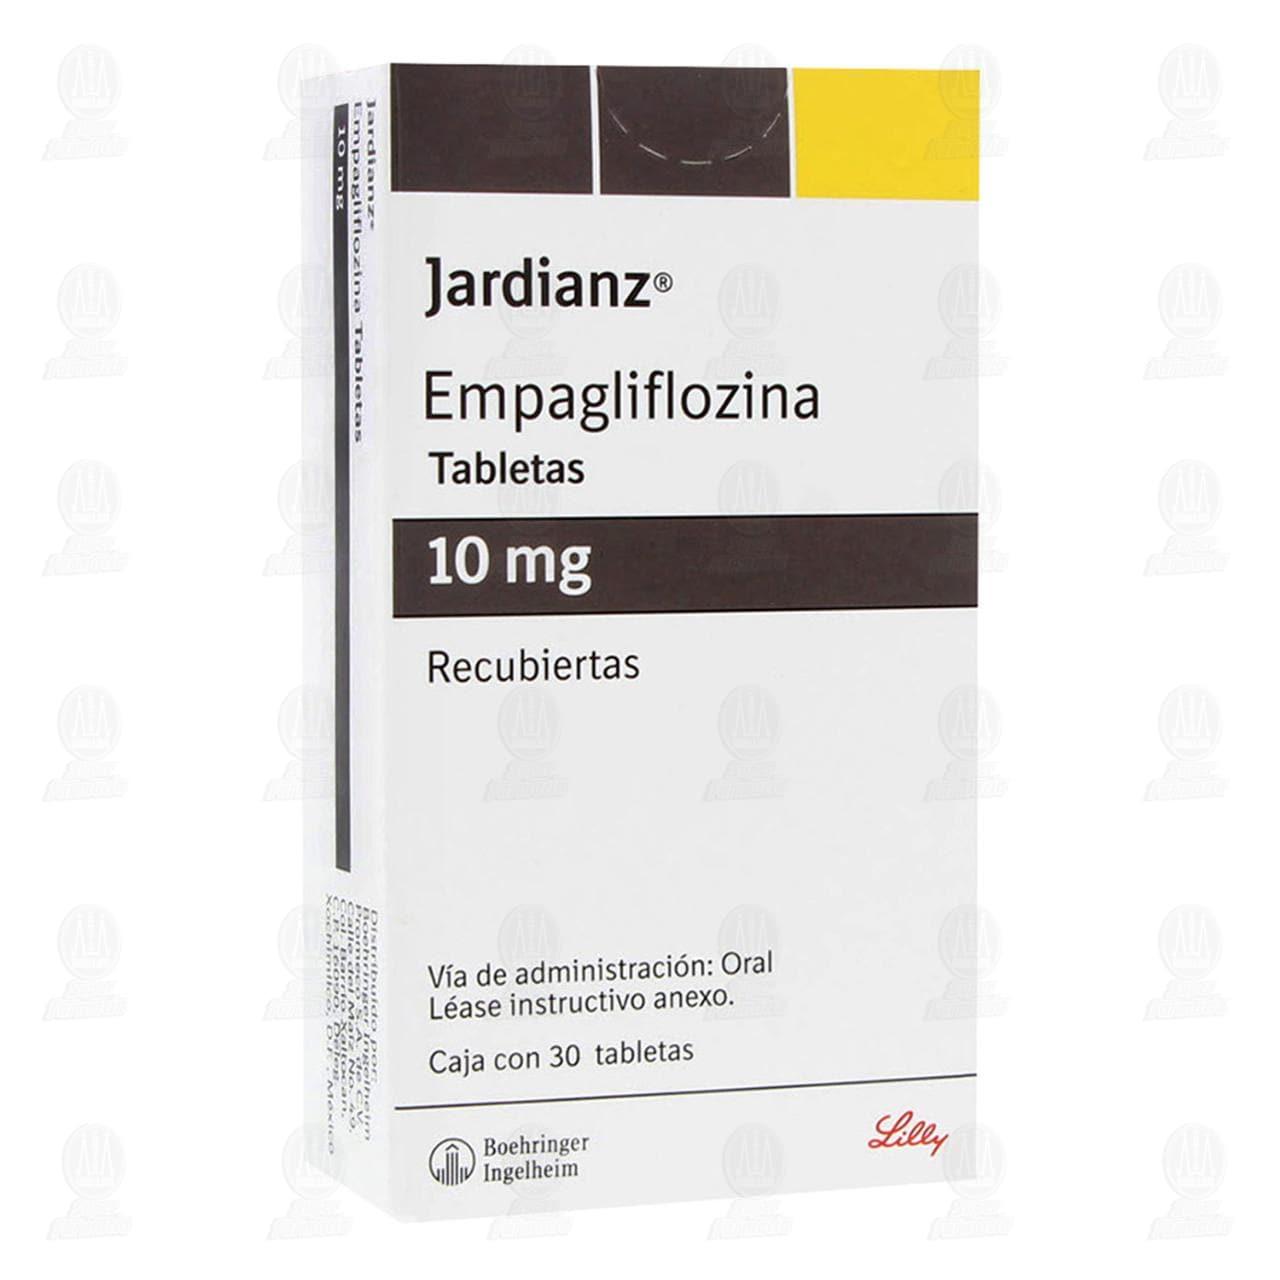 Comprar Jardianz 10mg 30 Tabletas Recubiertas en Farmacias Guadalajara